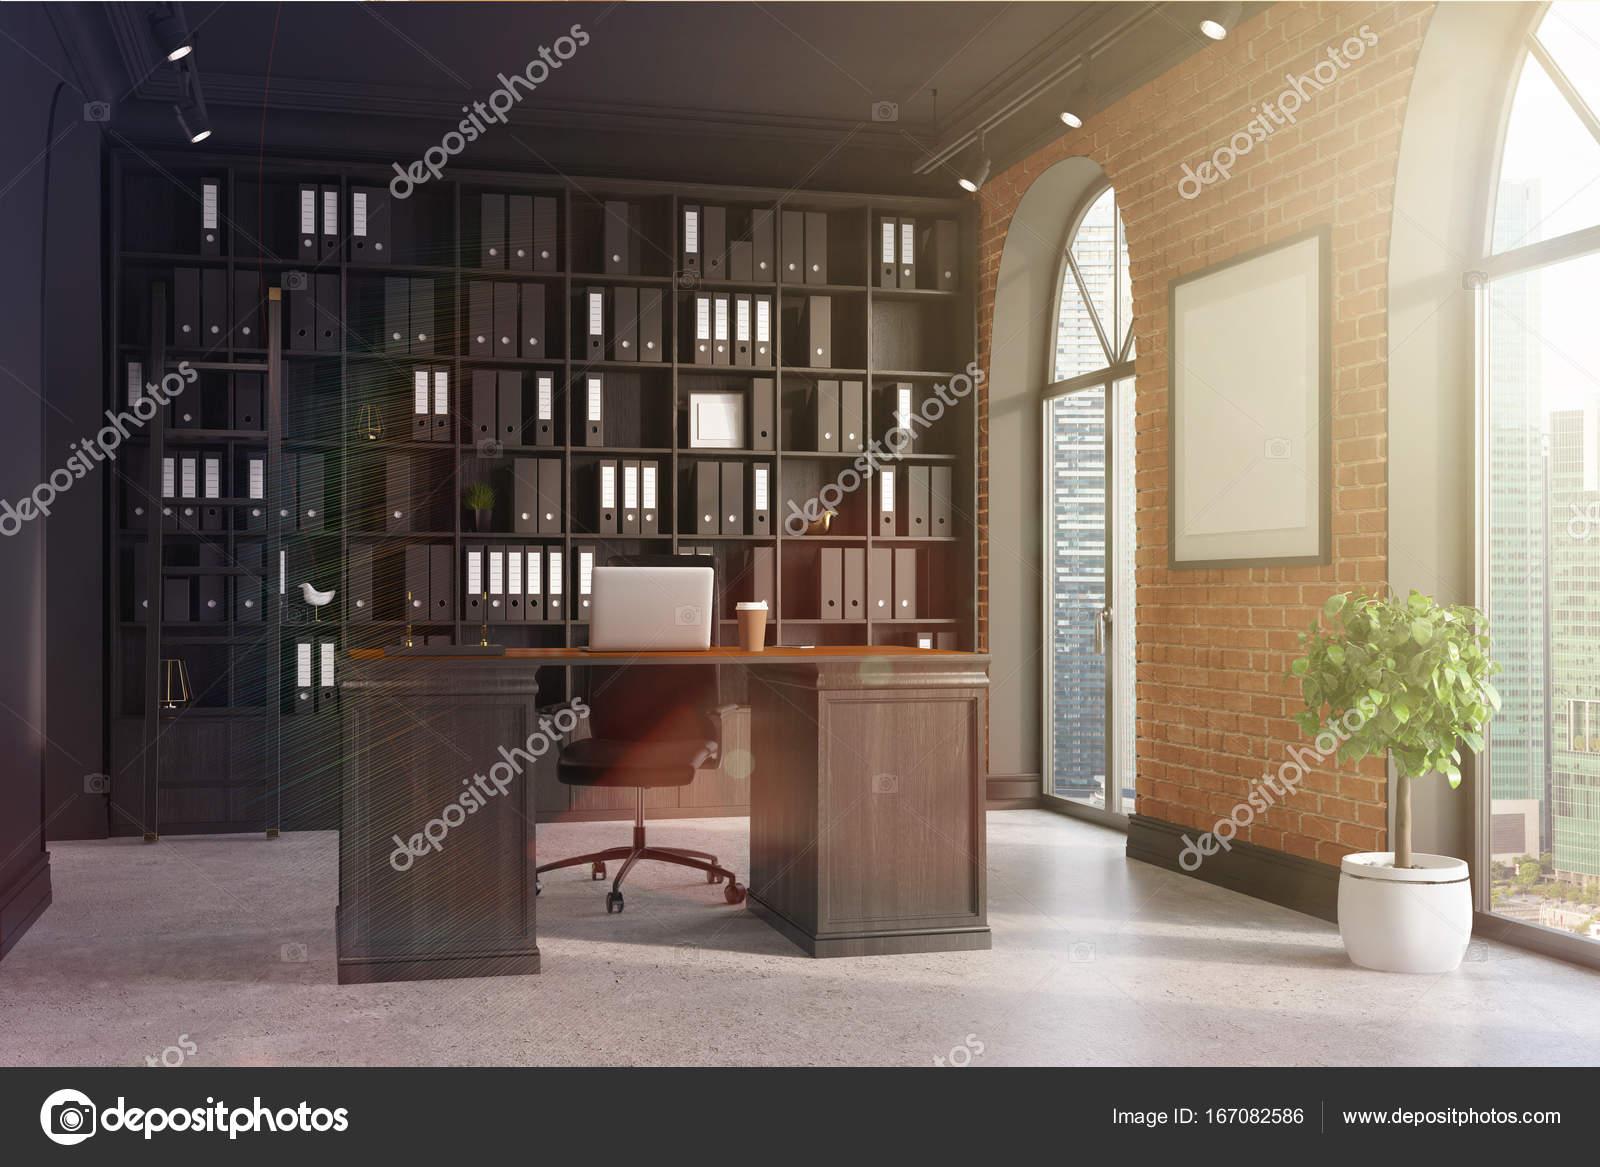 ceo bureau met baksteen en zwarte muren een betonnen vloer hoge ramen en een ingelijste poster een grote tafel met een laptop staat in de buurt van een